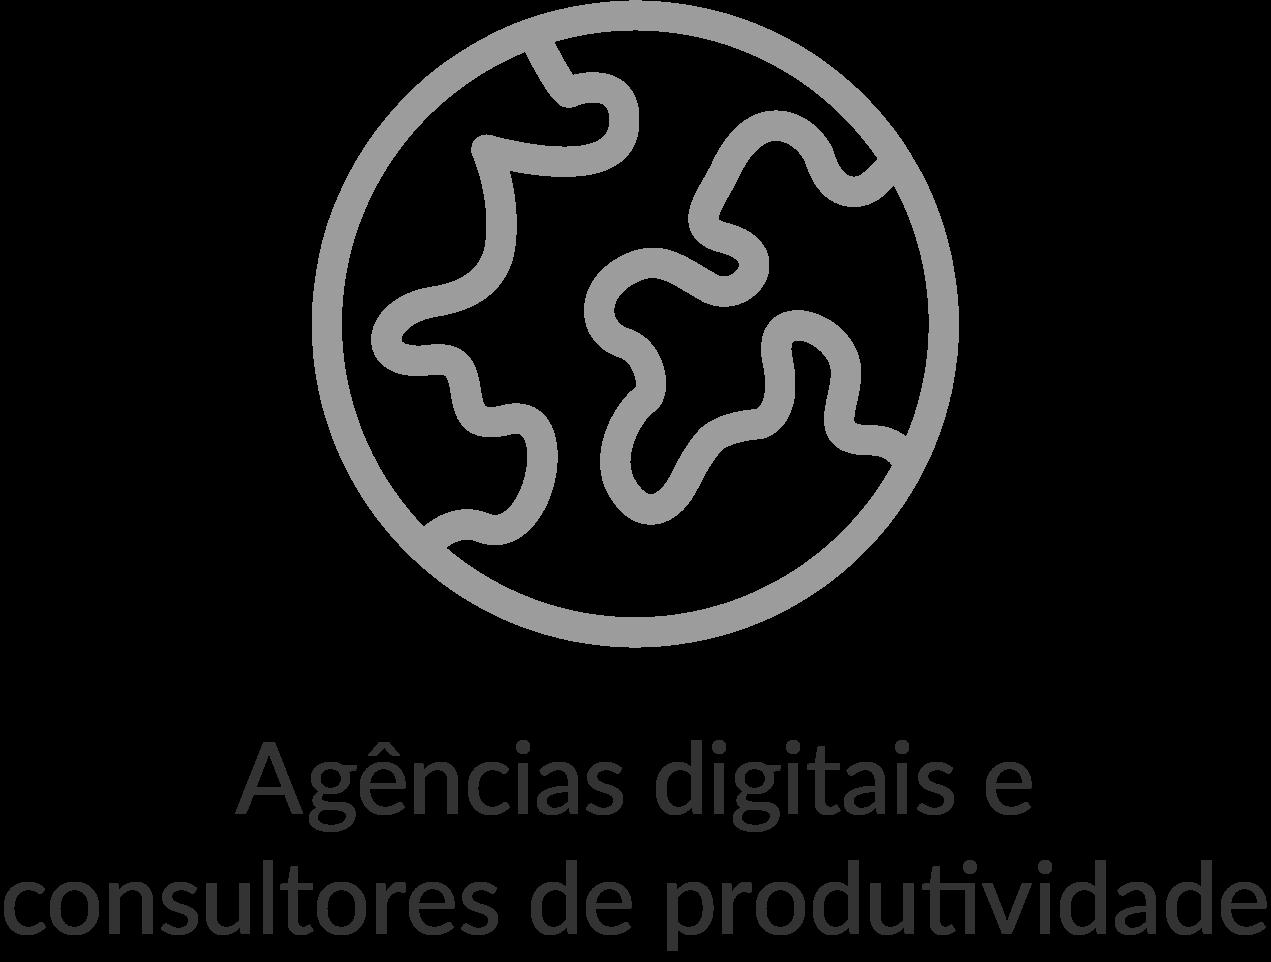 Agencias Digitais e consultores de produtividade